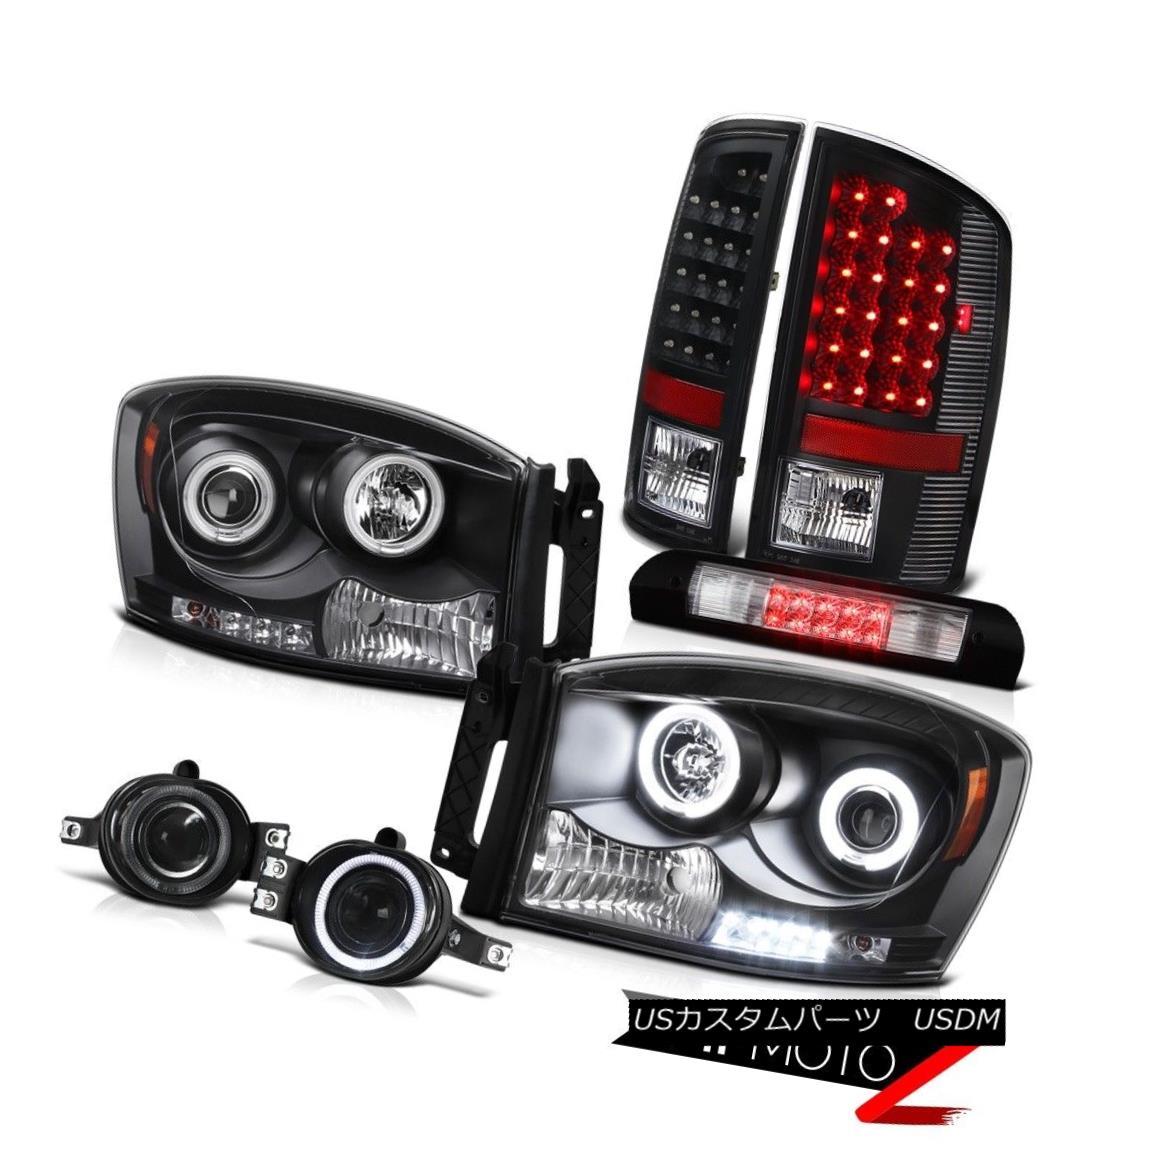 ヘッドライト 07 08 Ram SLT DRL CCFL Ring Headlights LED Black Taillamps Driving Fog 3RD Cargo 07 08ラムSLT DRL CCFLリングヘッドライトLEDブラックタイヤランプドライビングフォグ3RDカーゴ